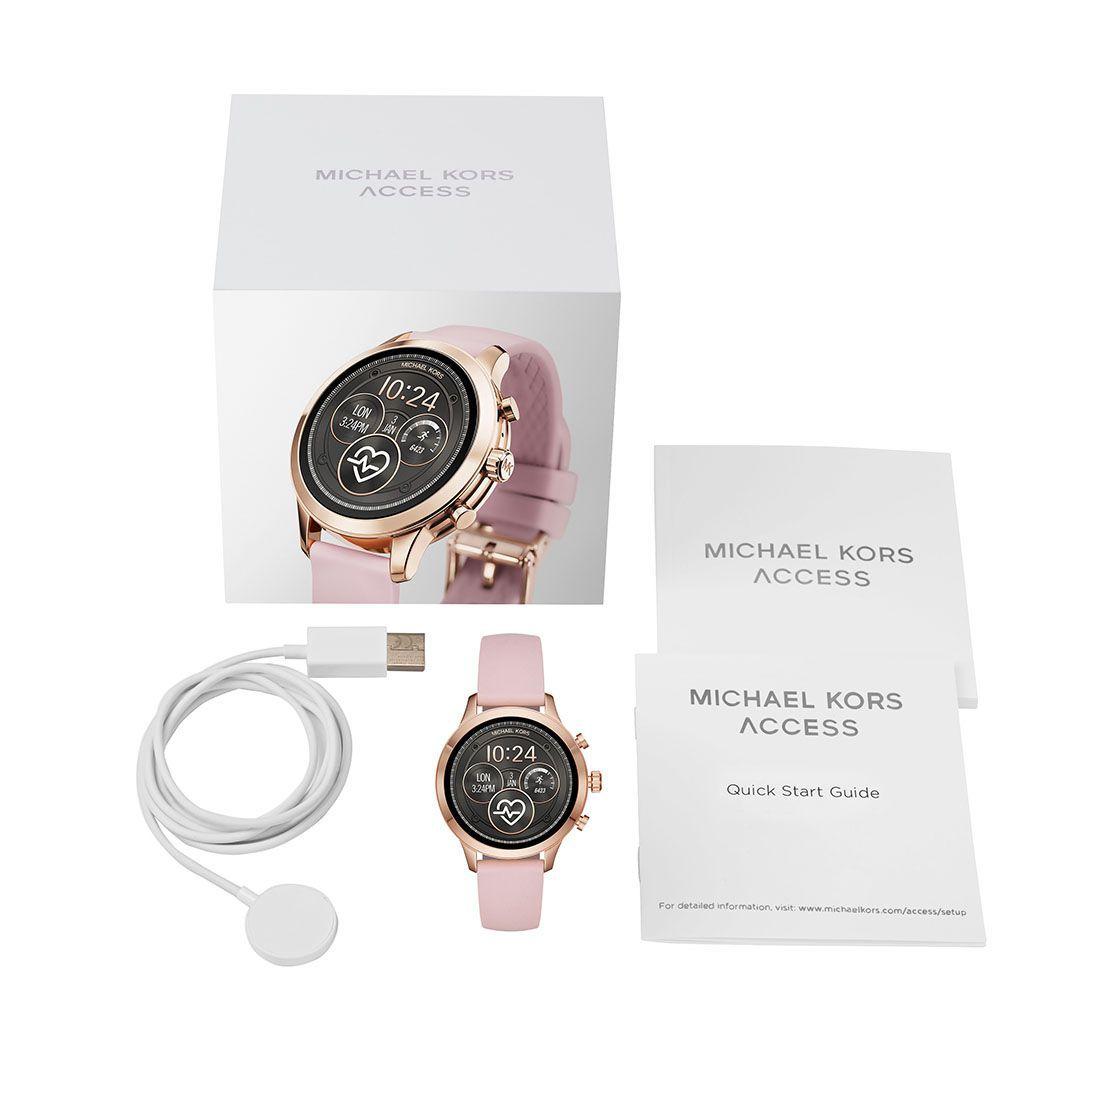 Relógio Michael Kors MKT5048 Runway Access